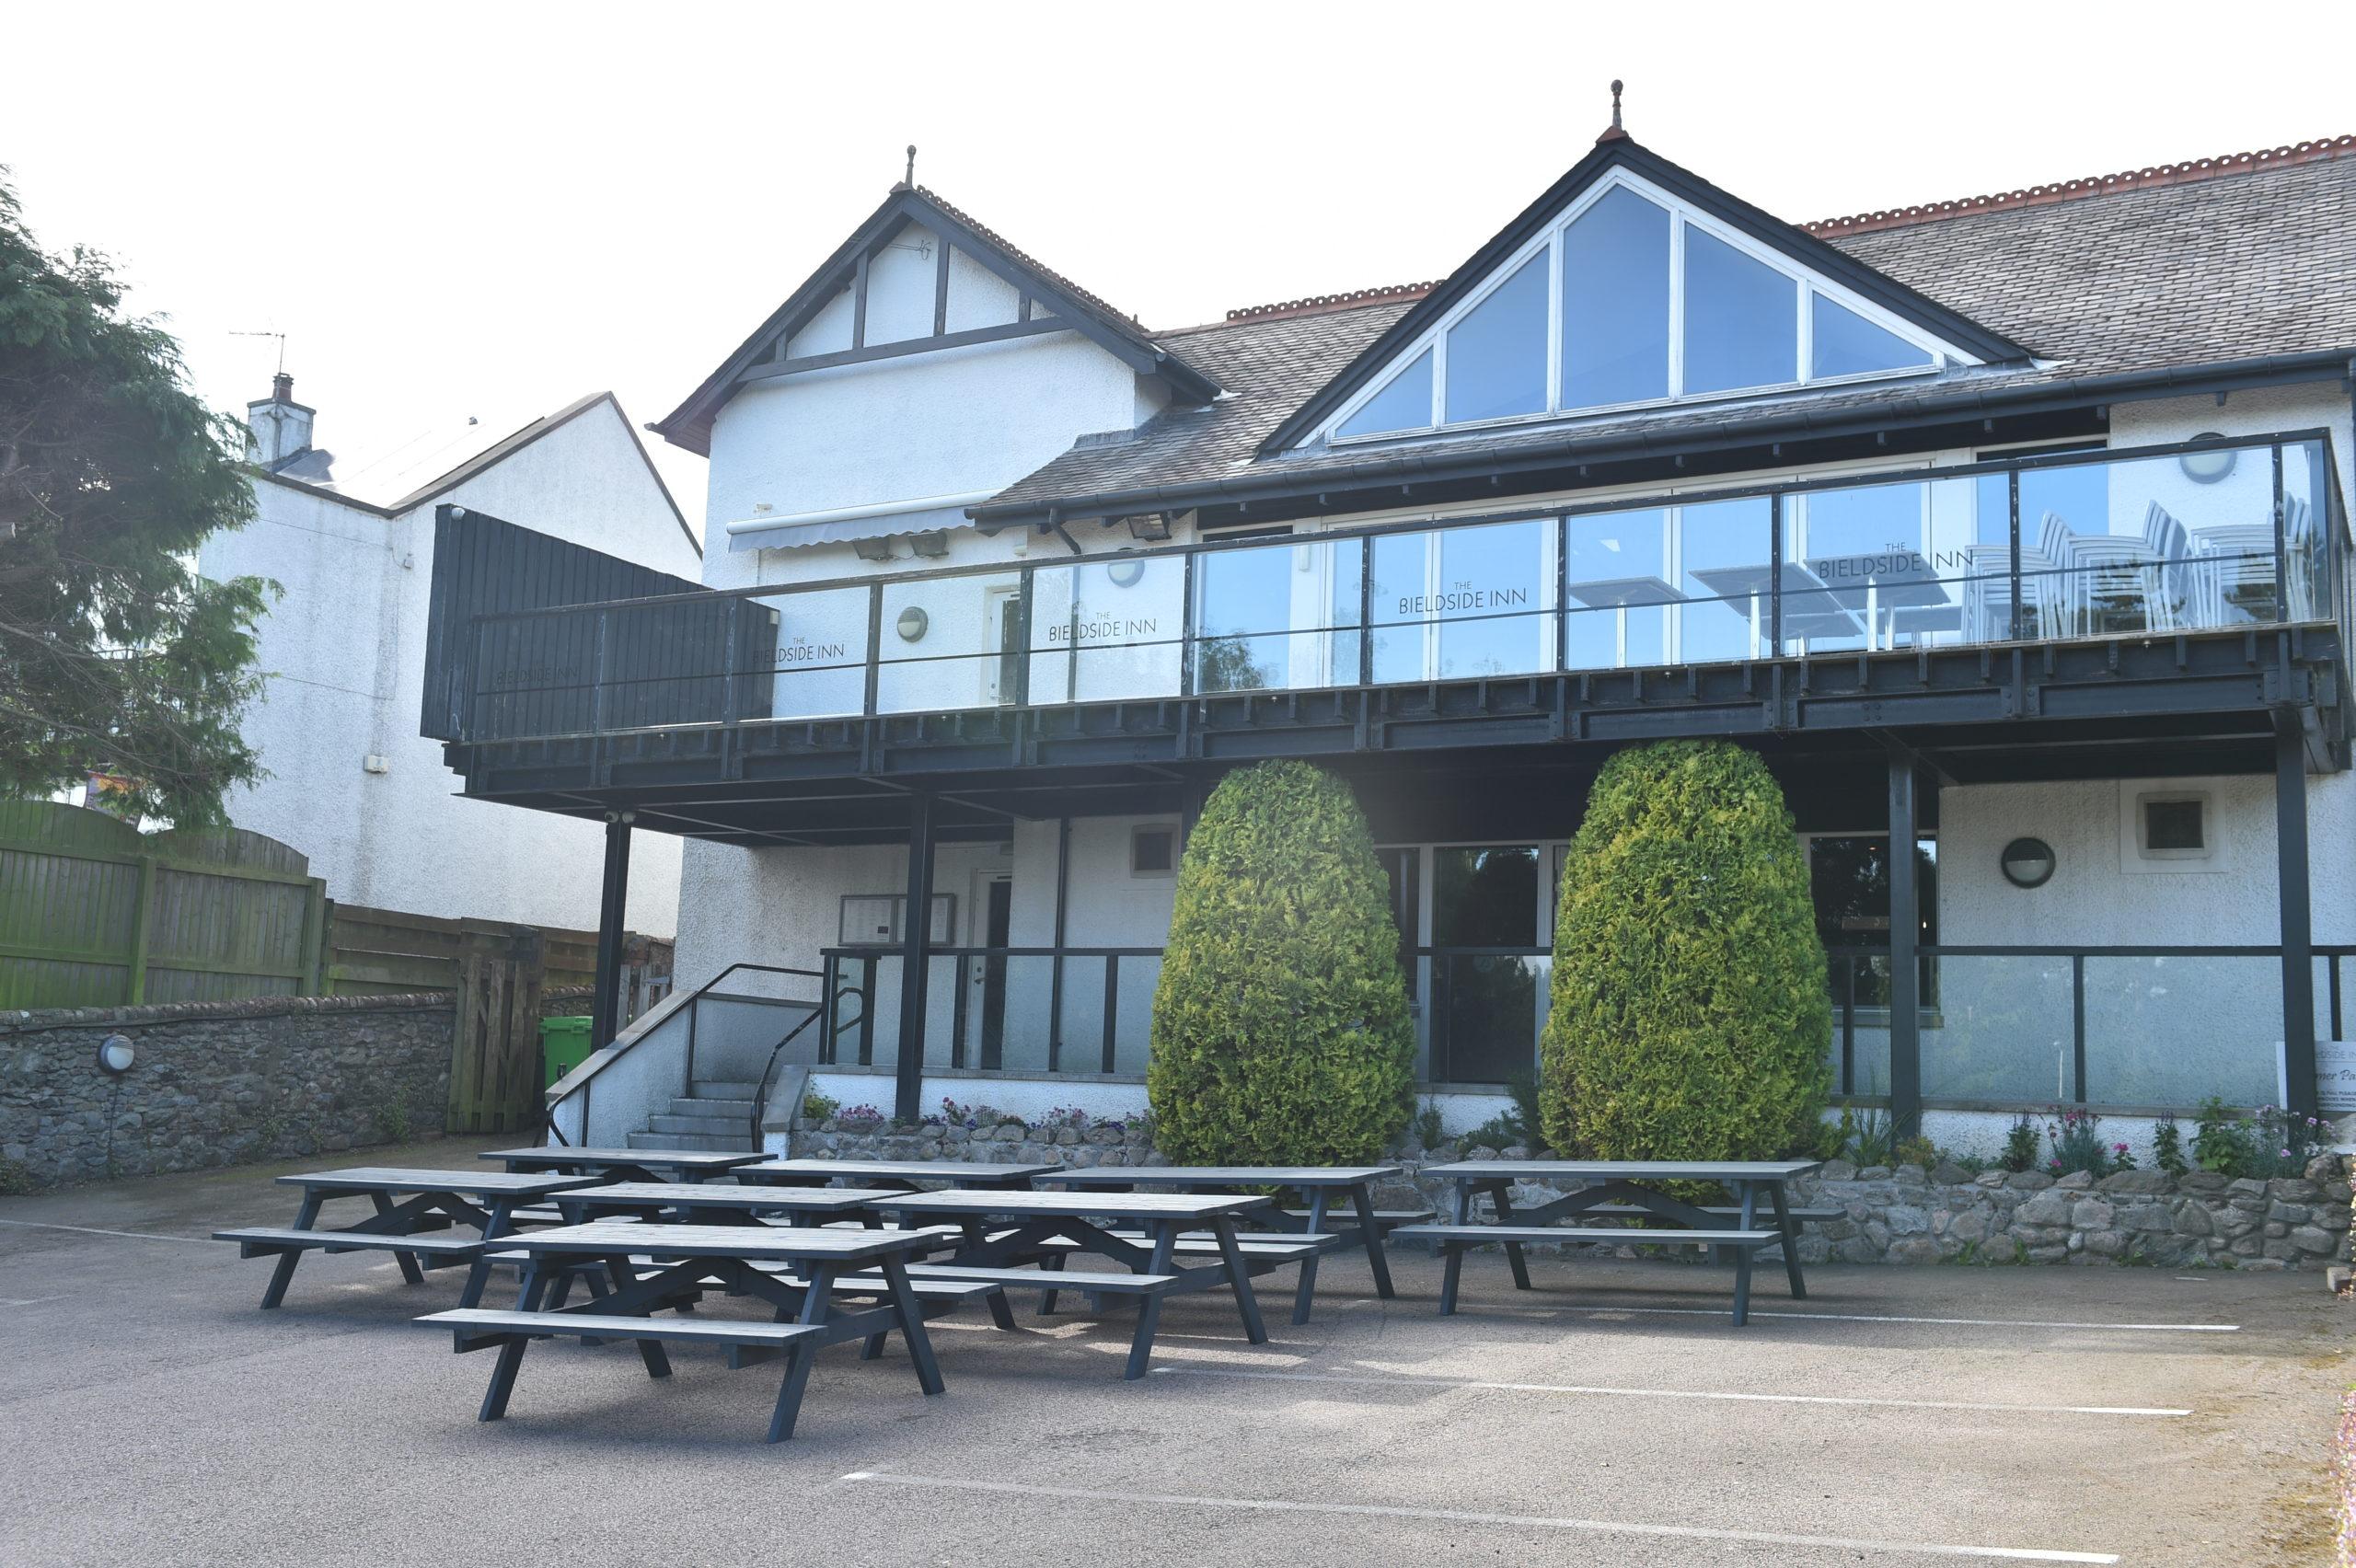 The Bieldside Inn was ready to open its beer garden